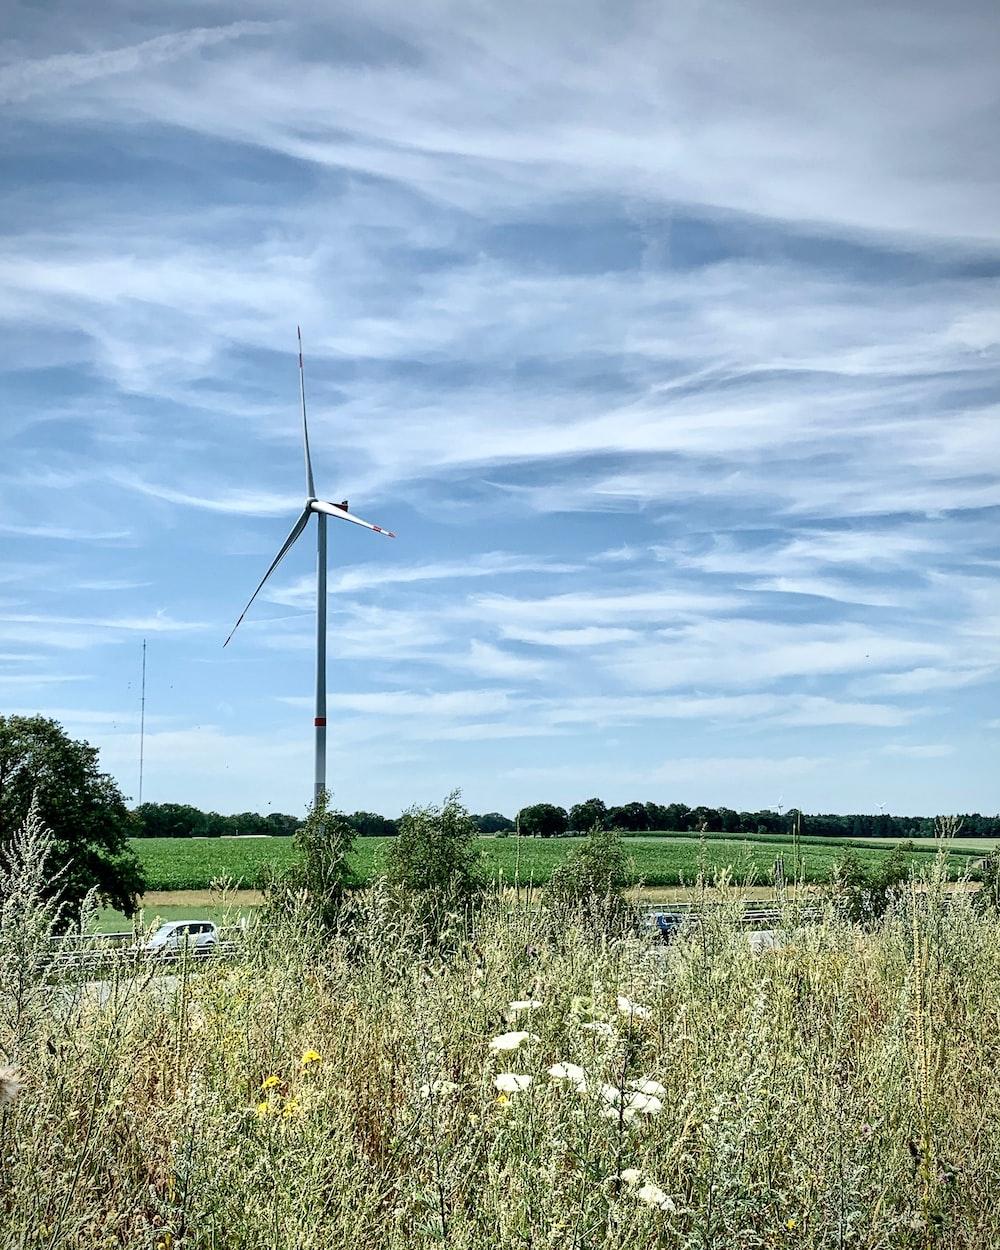 wind mill on field